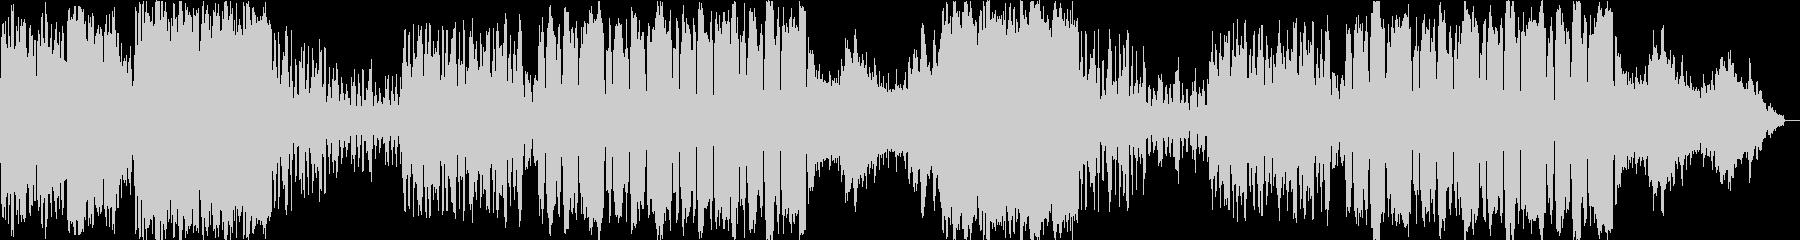 ケルト系 派手目のケルト音楽の未再生の波形